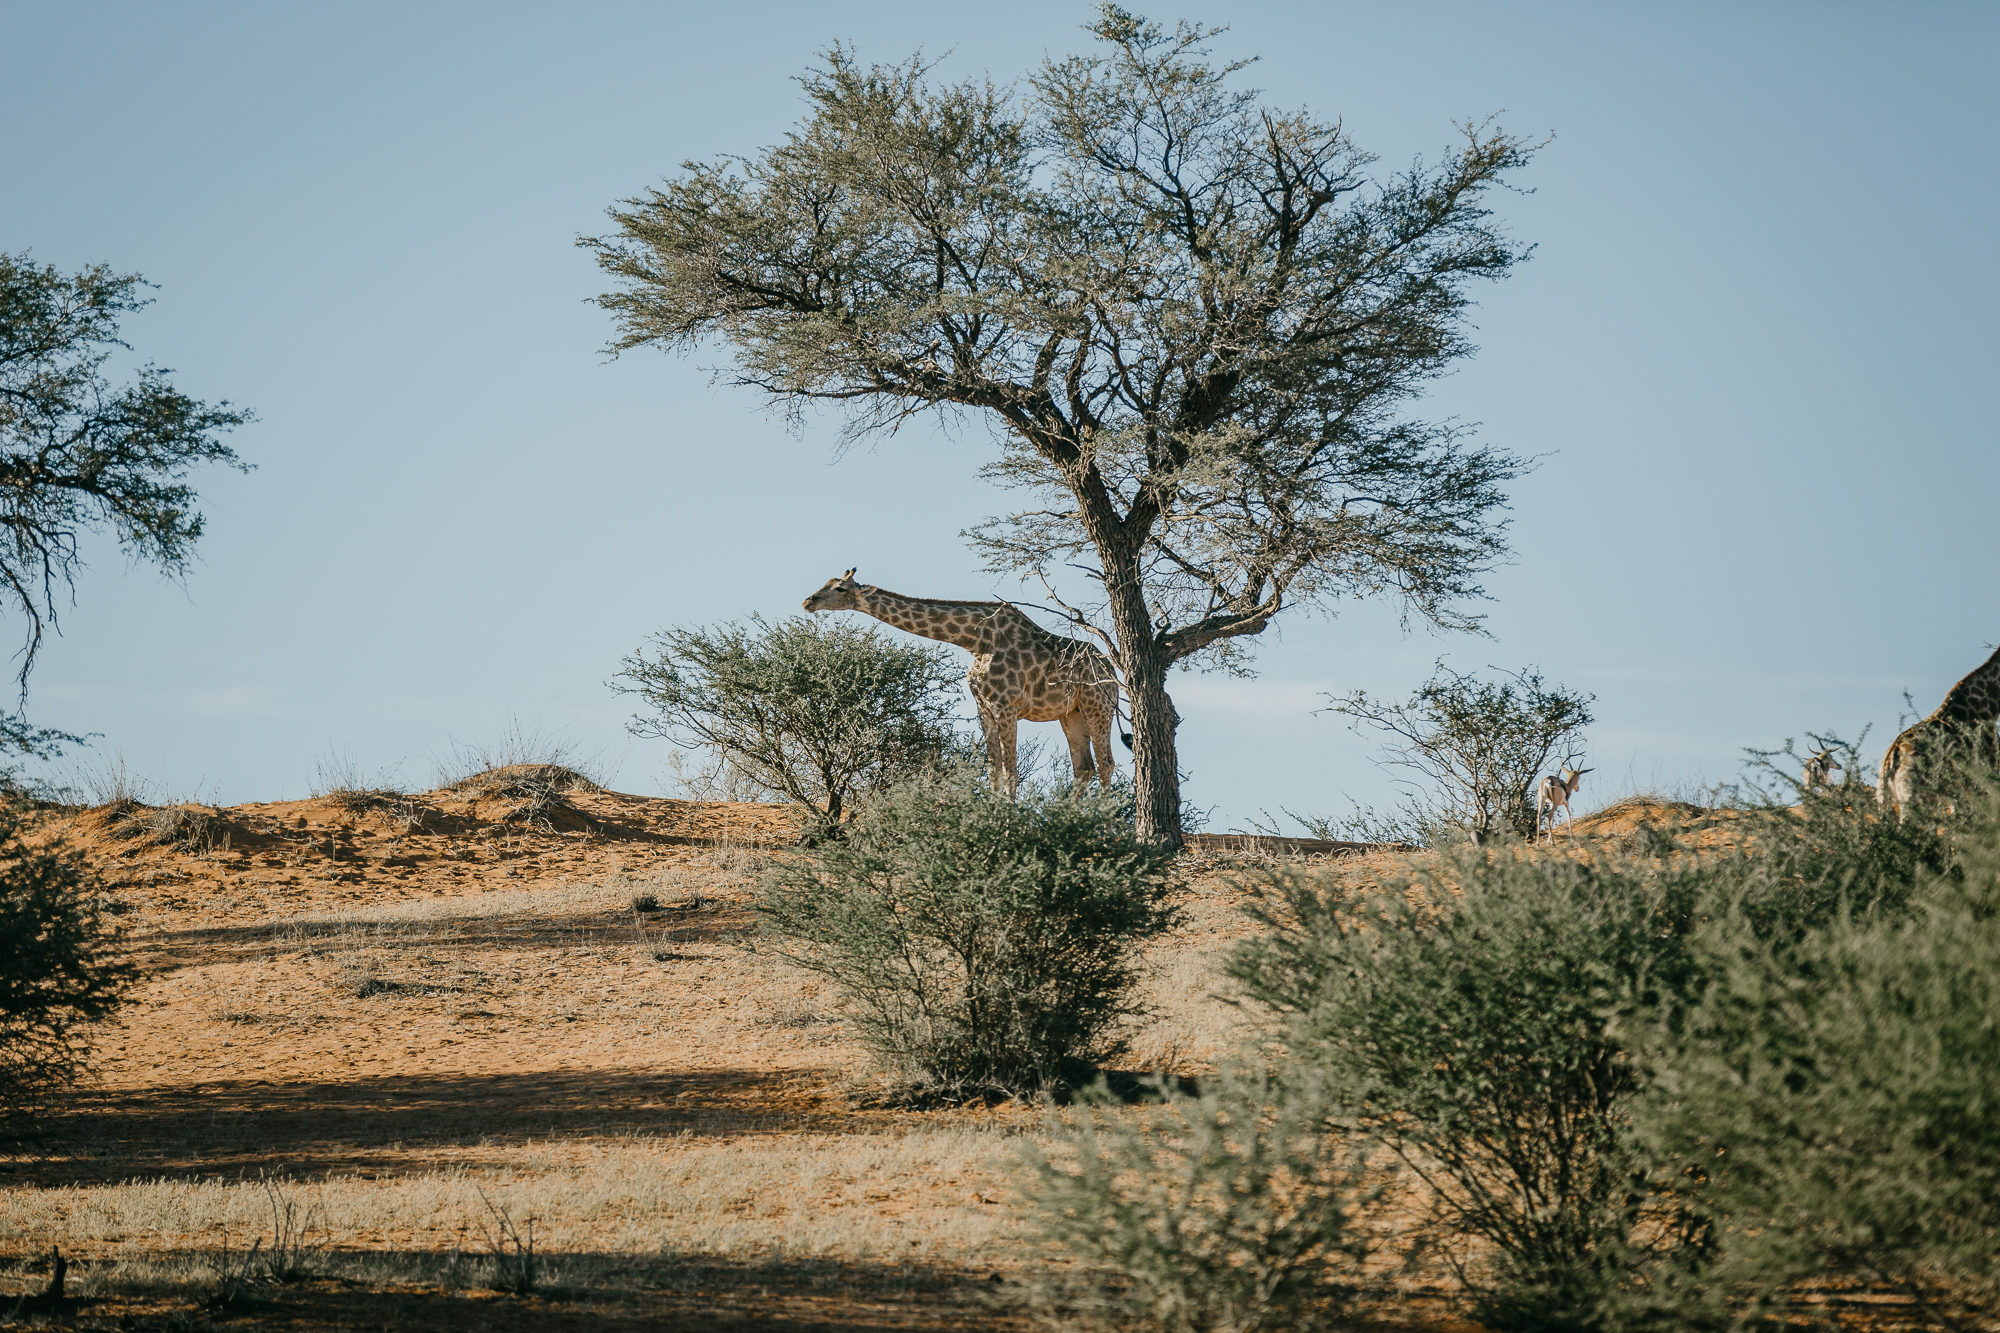 061518_Namibia_PIXd2camKayla_00626.jpg